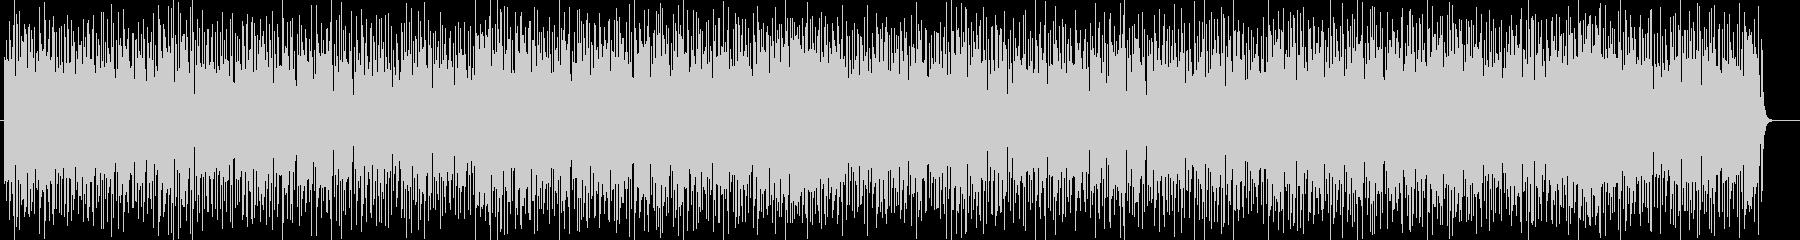 疾走感のあるピアノサウンドの未再生の波形